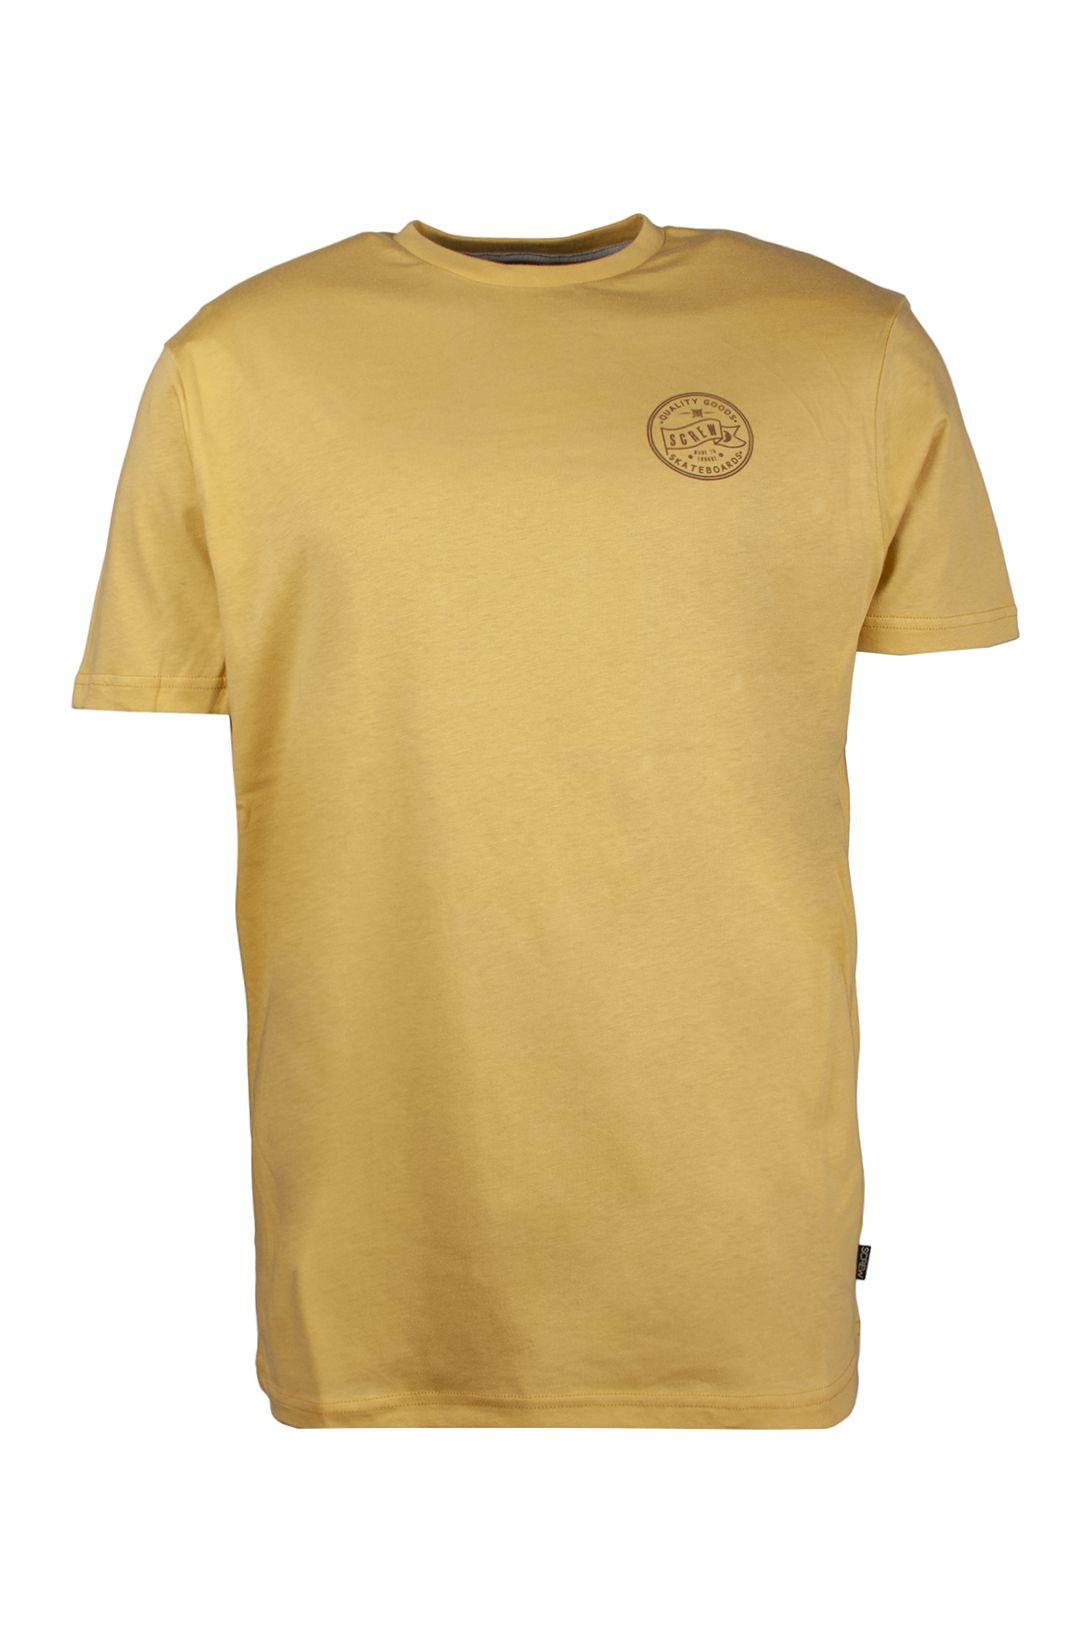 T-Shirt Screw SOUTH BANK Light Gold